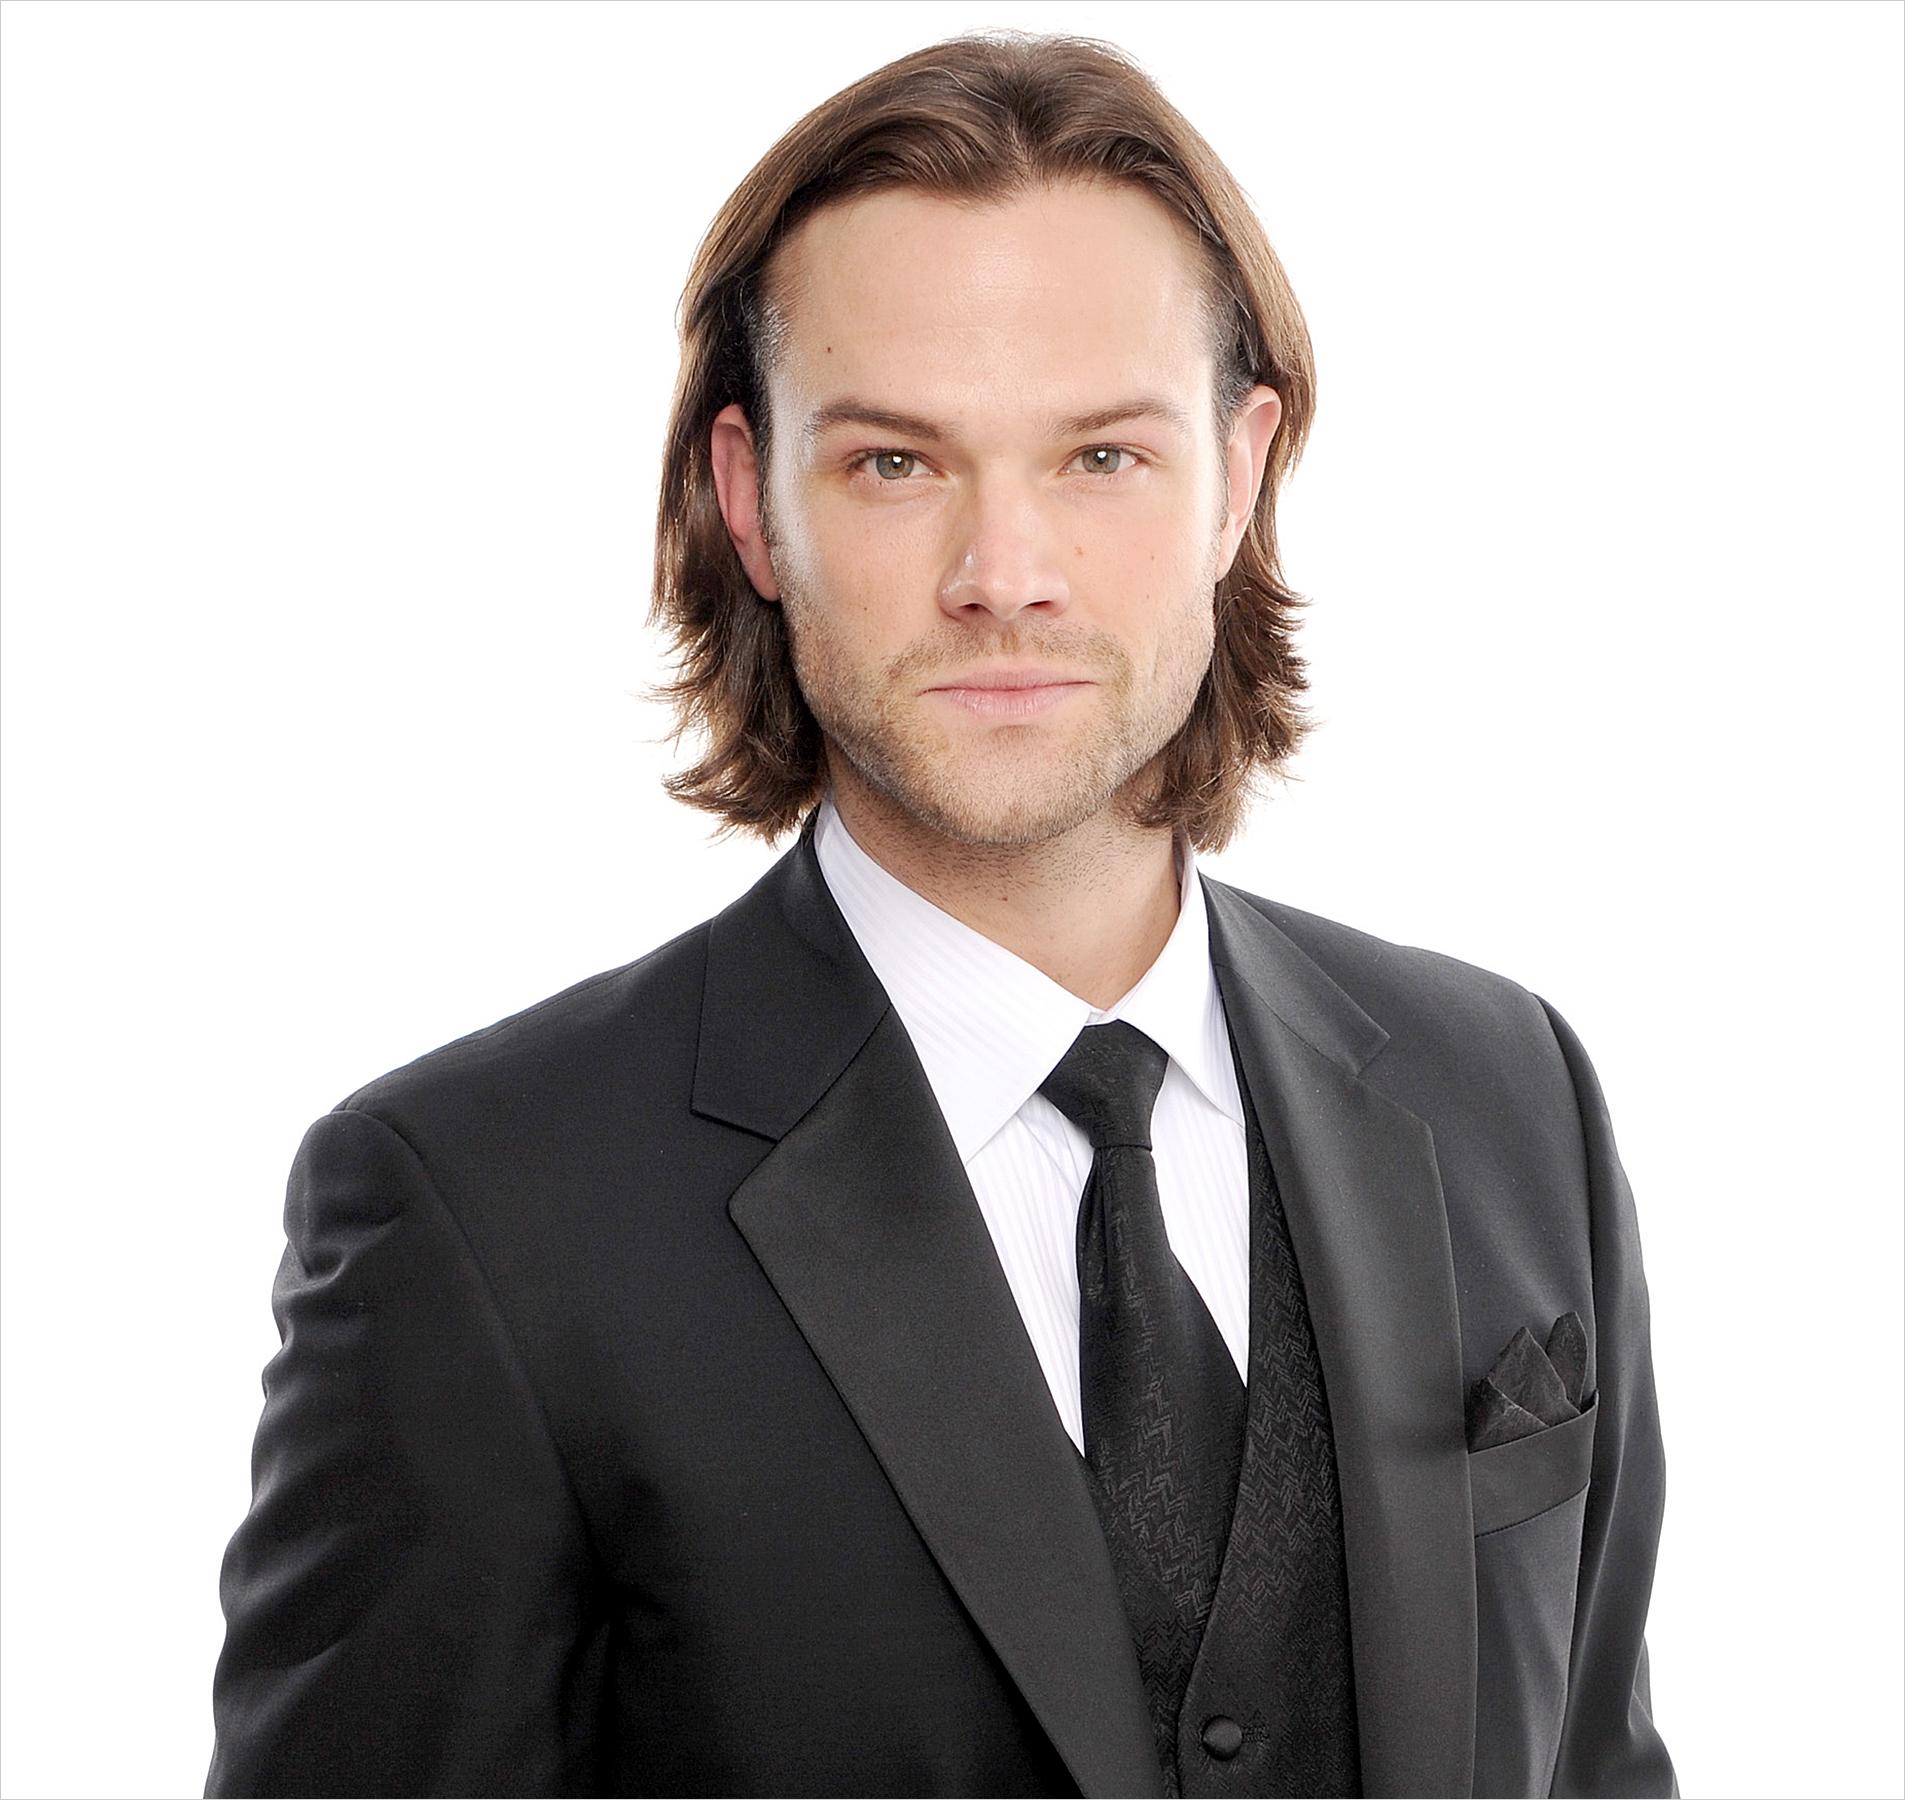 Actor Jared Padalecki - age: 35